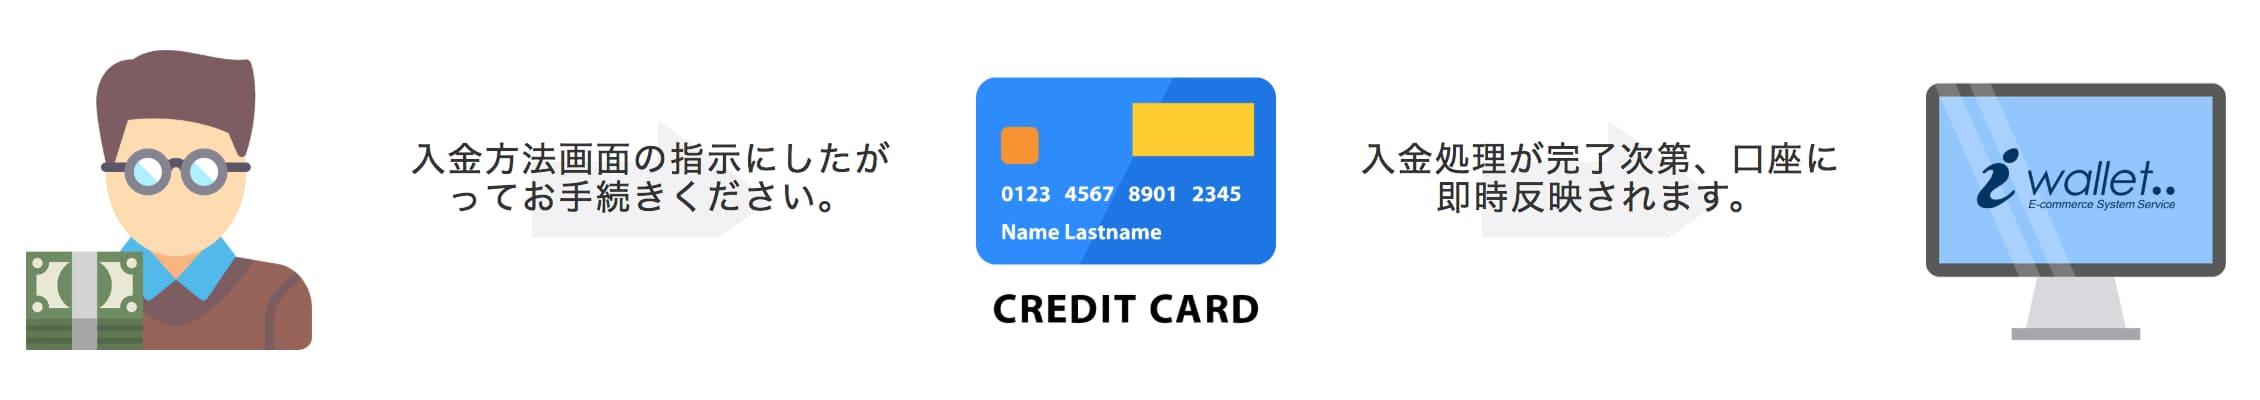 iwallet-card-deposit